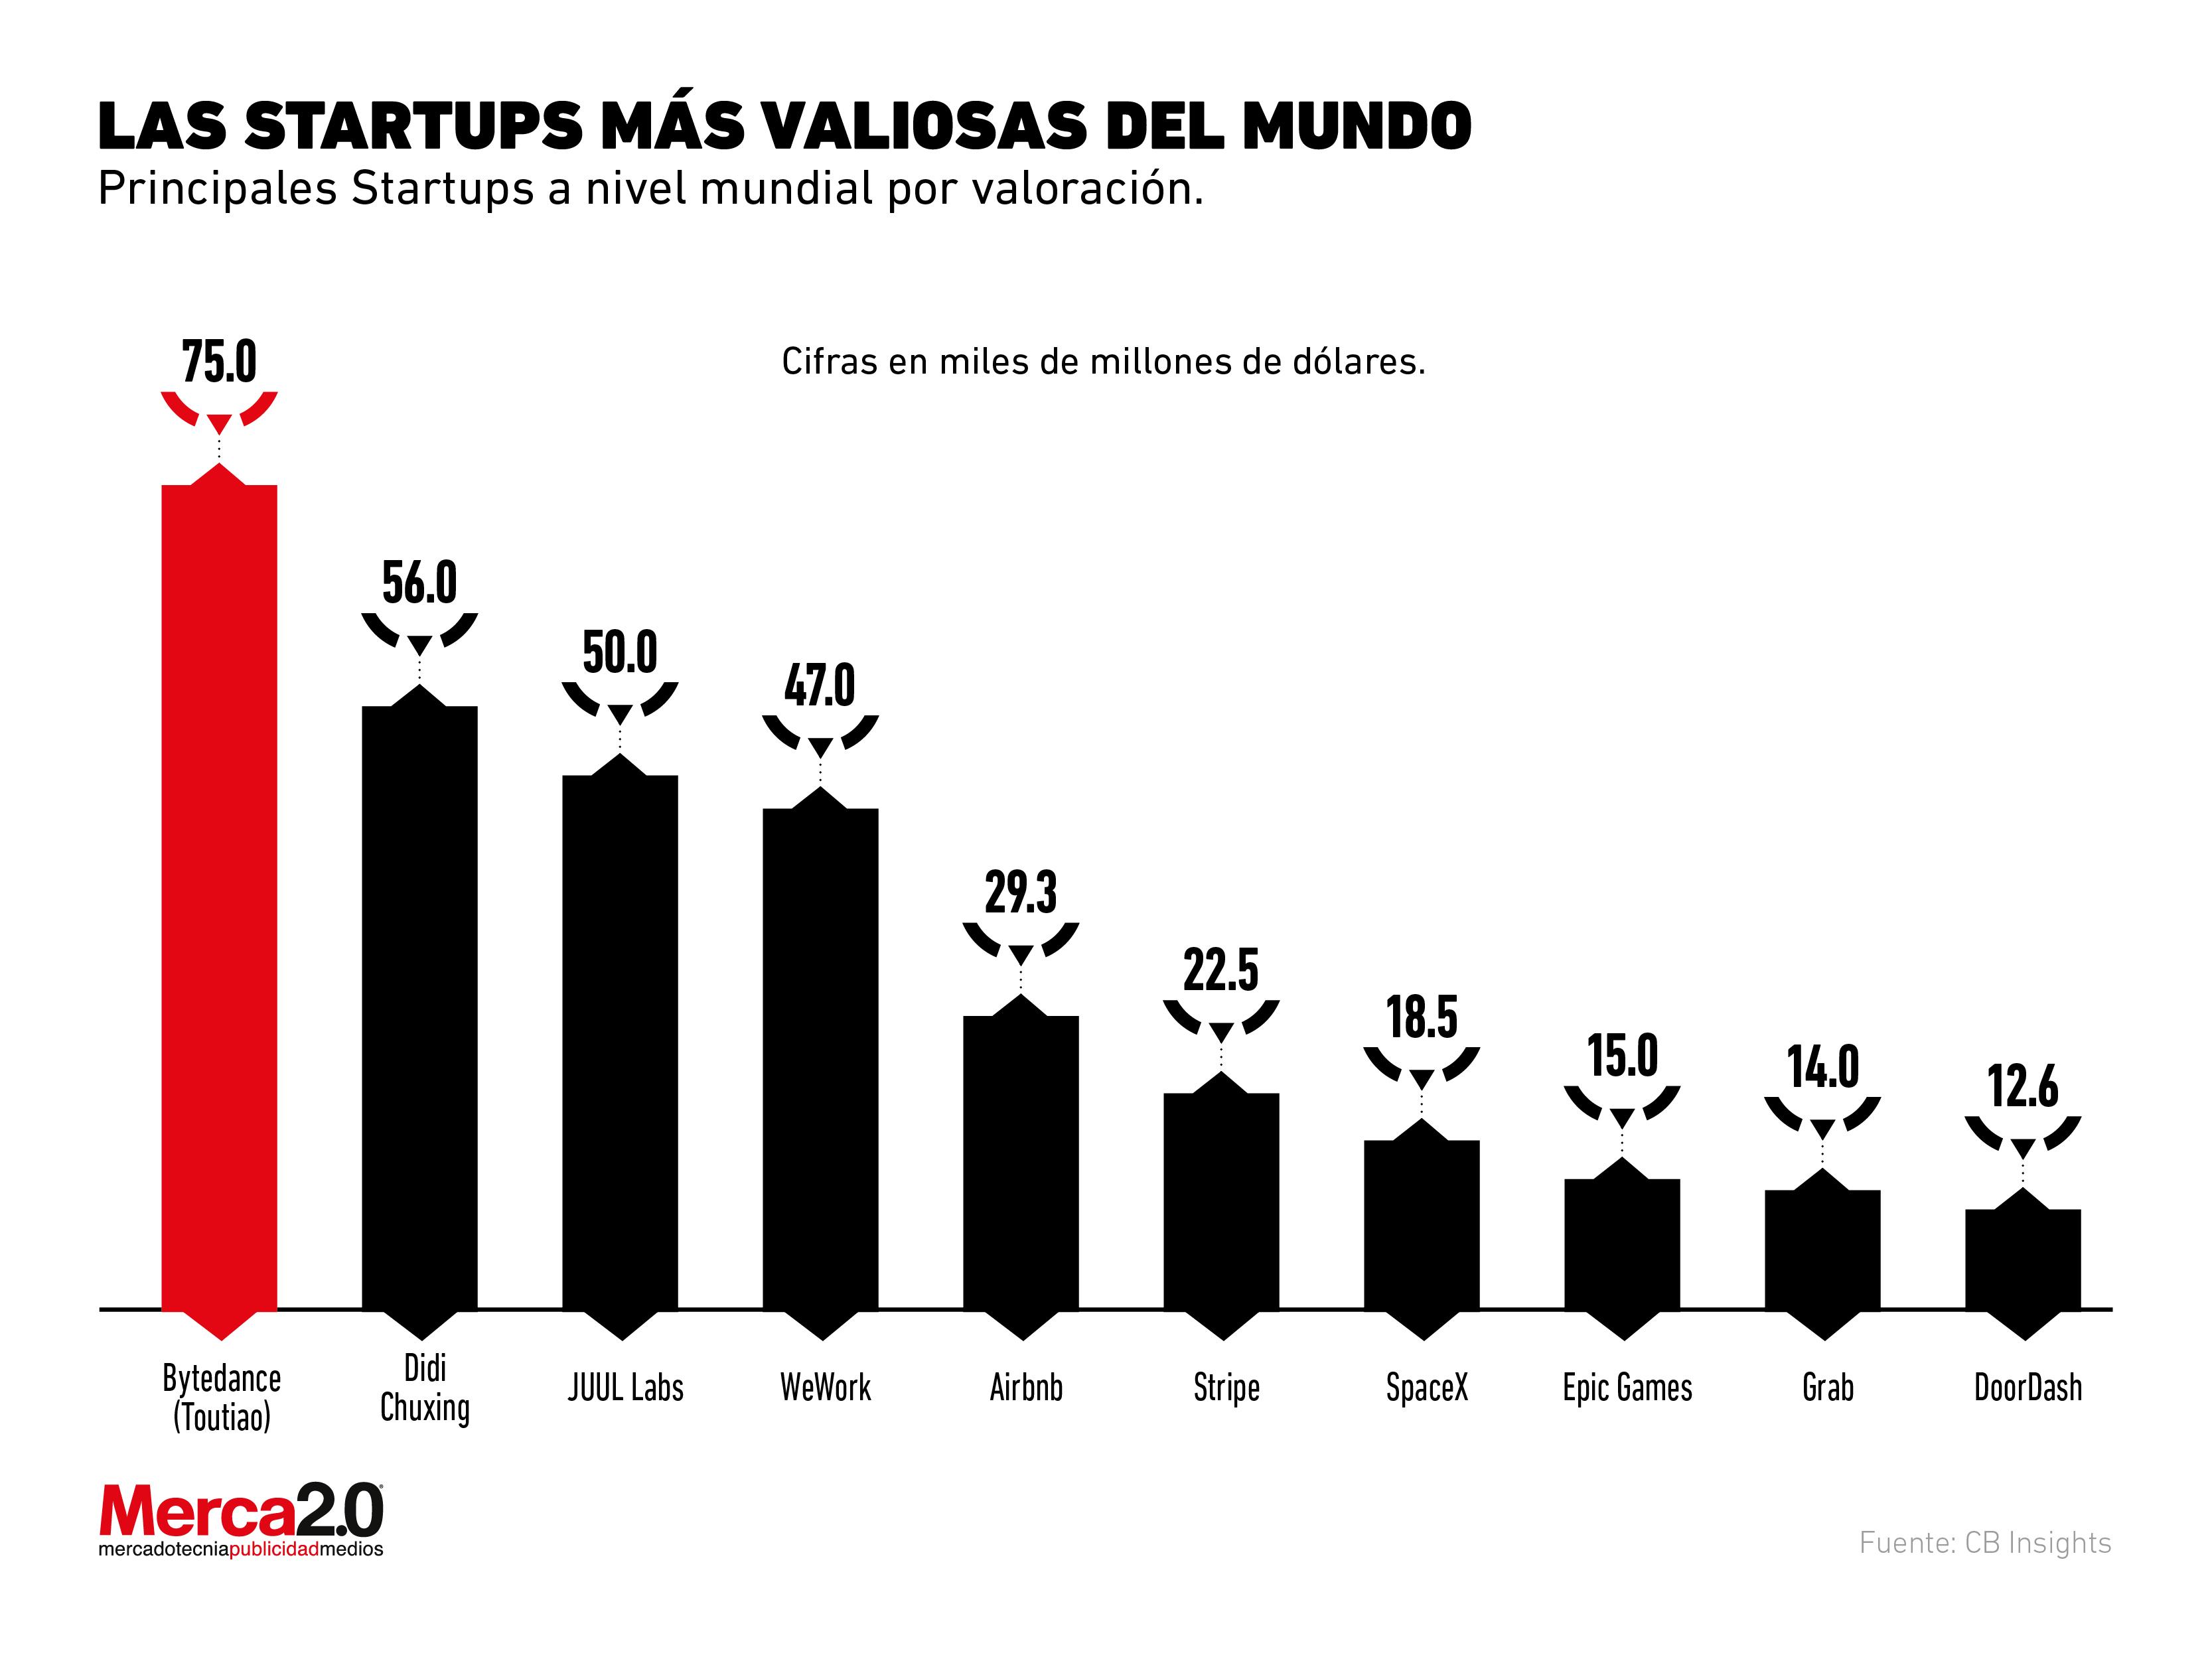 ¿Cuáles son las startups más valiosas actualmente?